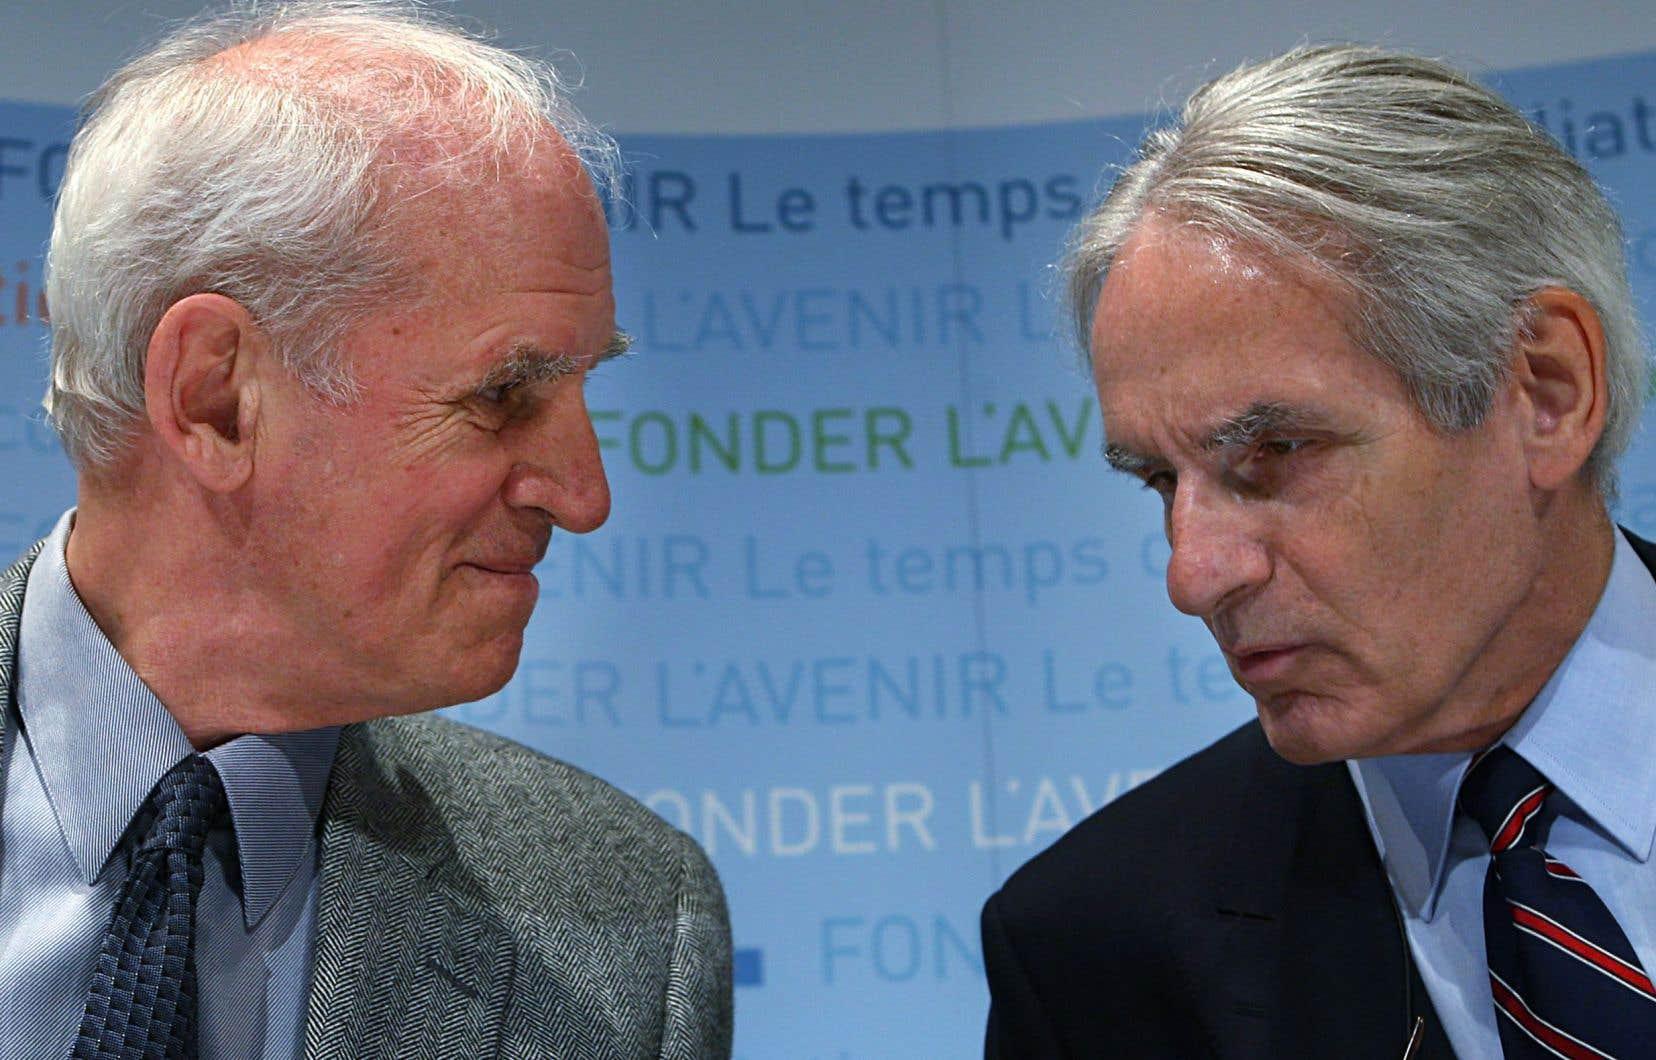 Charles Taylor et Gérard Bouchard à l'époque de la commission sur les accommodements raisonnables